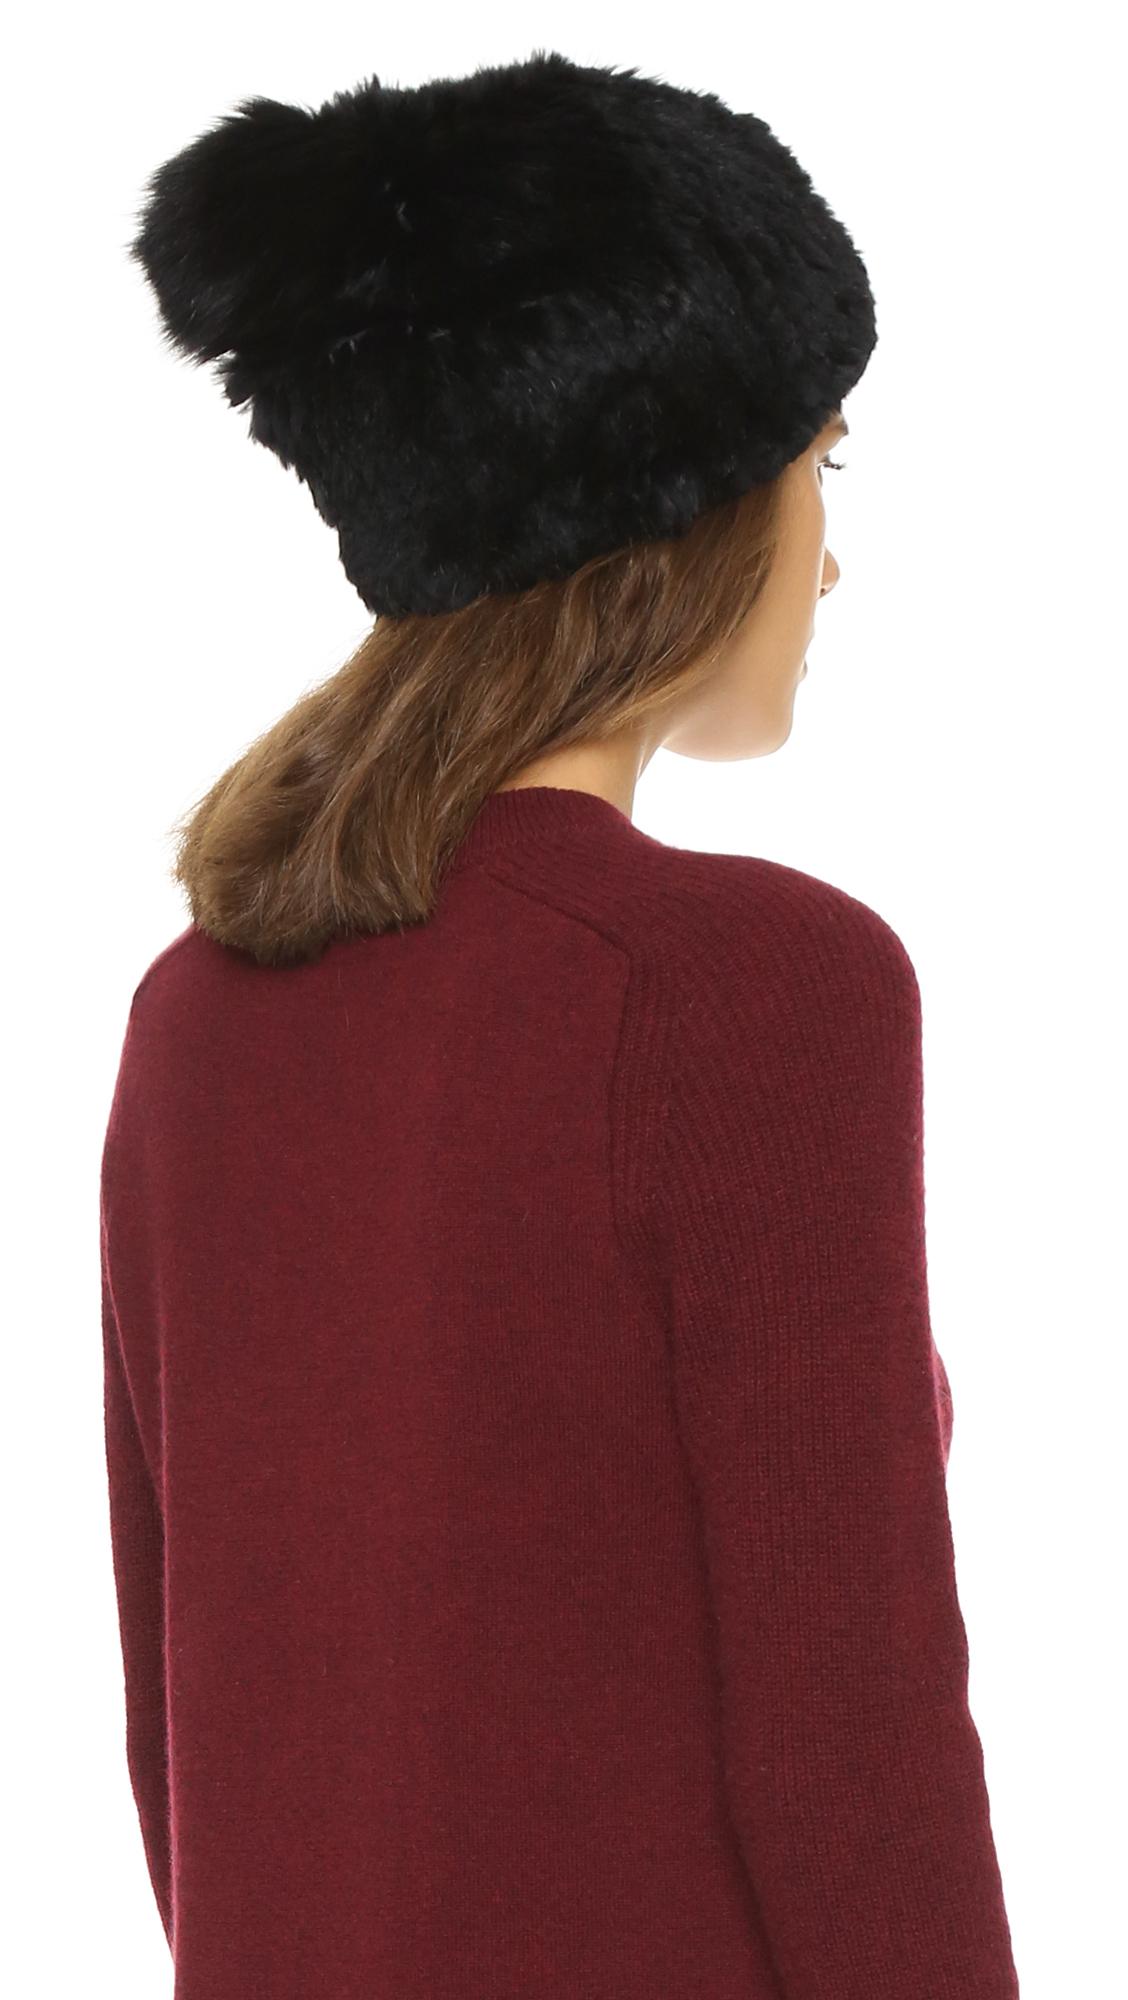 6185ff66d946 Adrienne Landau Knit Fur Pom Pom Hat in Black - Lyst